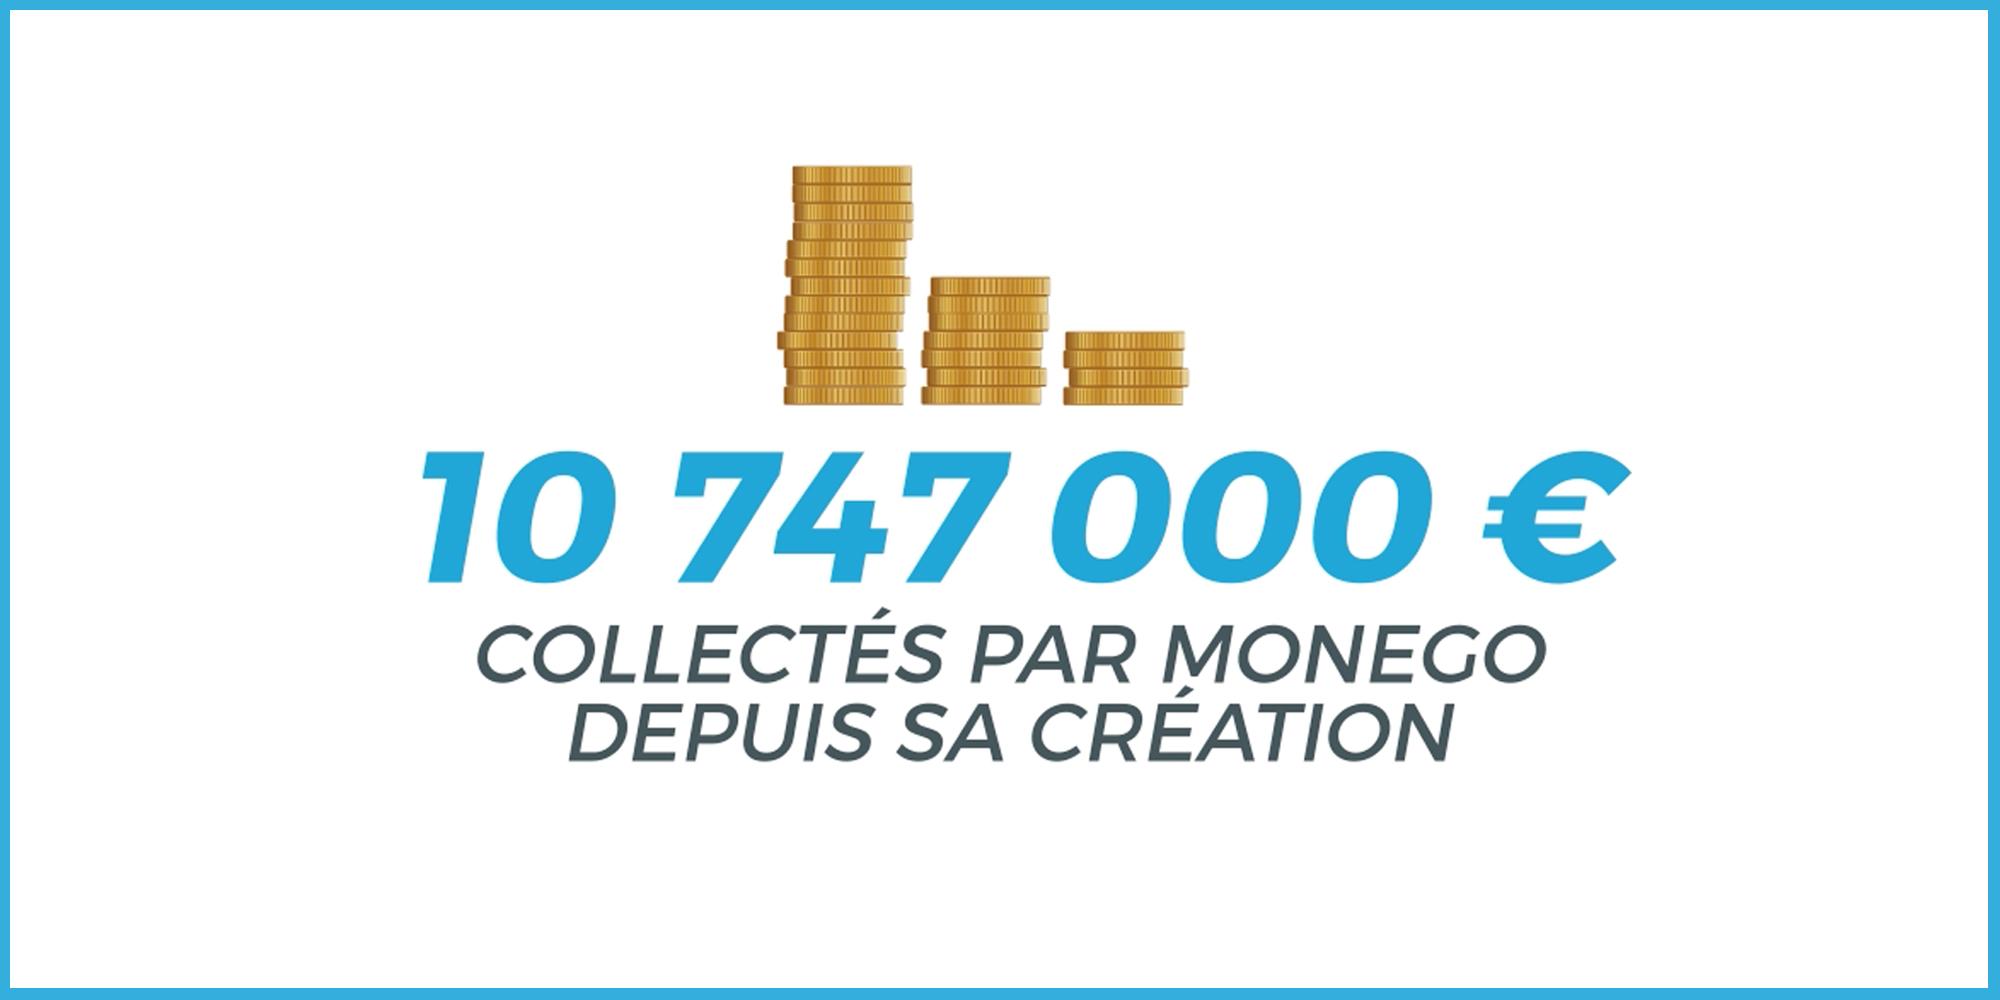 En vidéo, Monego franchit le cap des 10 millions d'euros collectés et s'impose comme un leader en Rhône-Alpes !